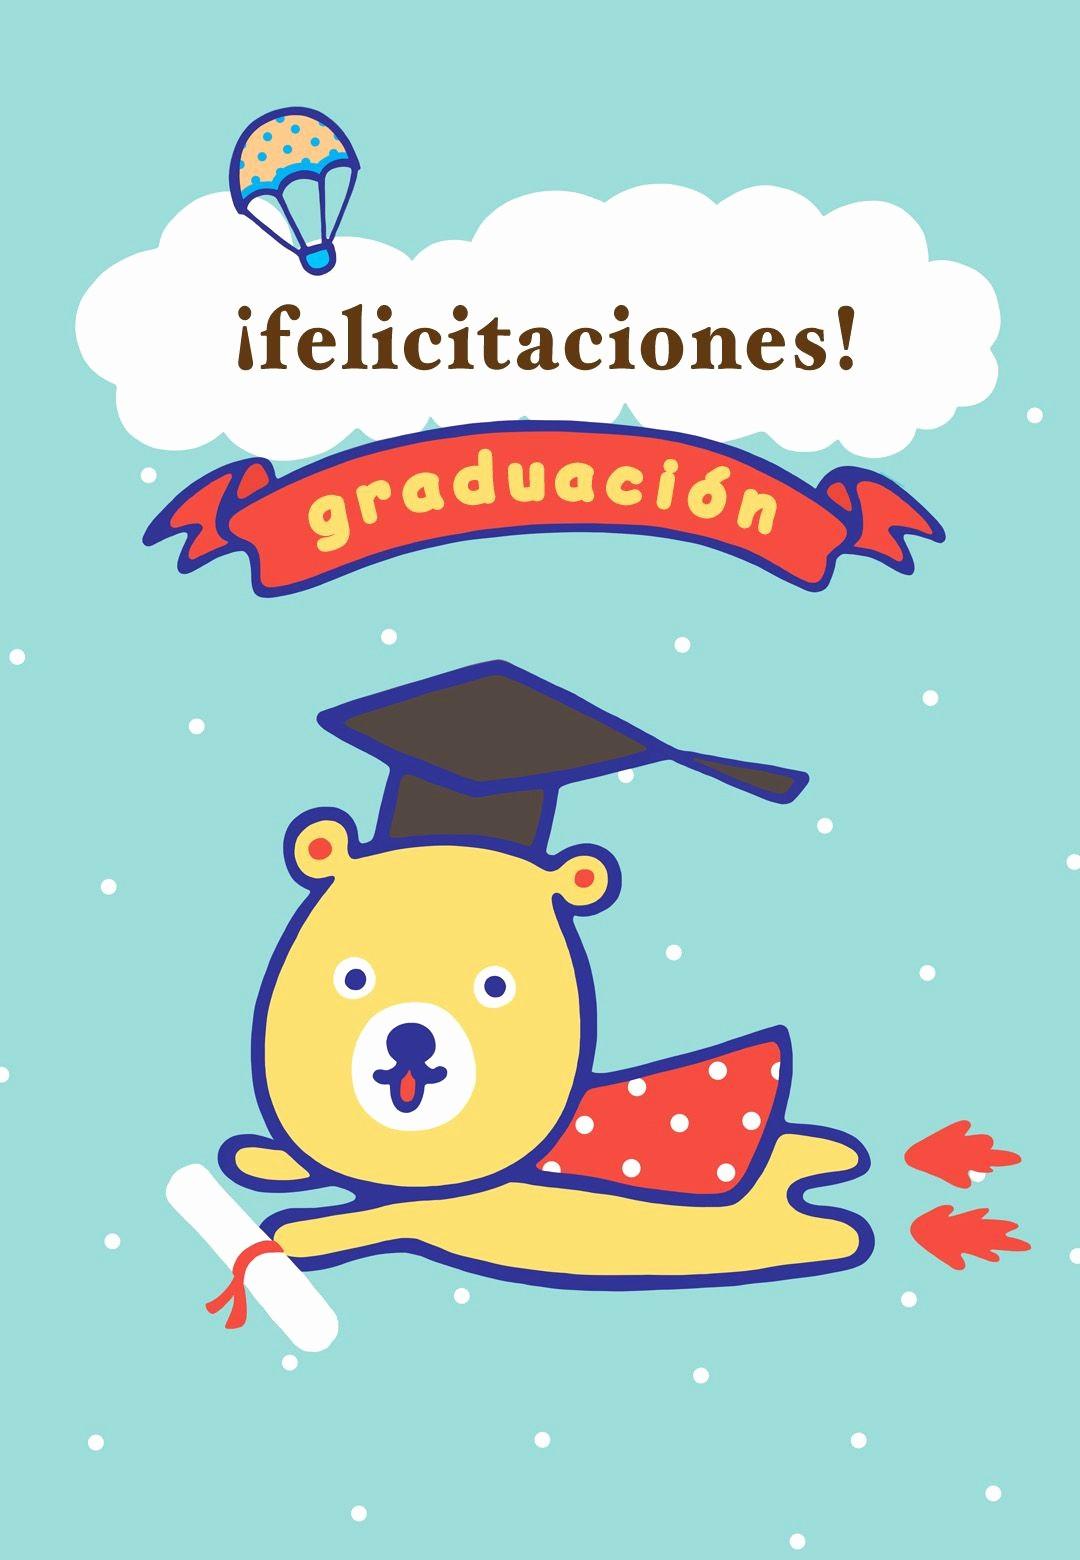 Tarjetas De Felicitaciones Para Graduacion Luxury Tarjeta Gratis De Felicitaciones Para Imprimir